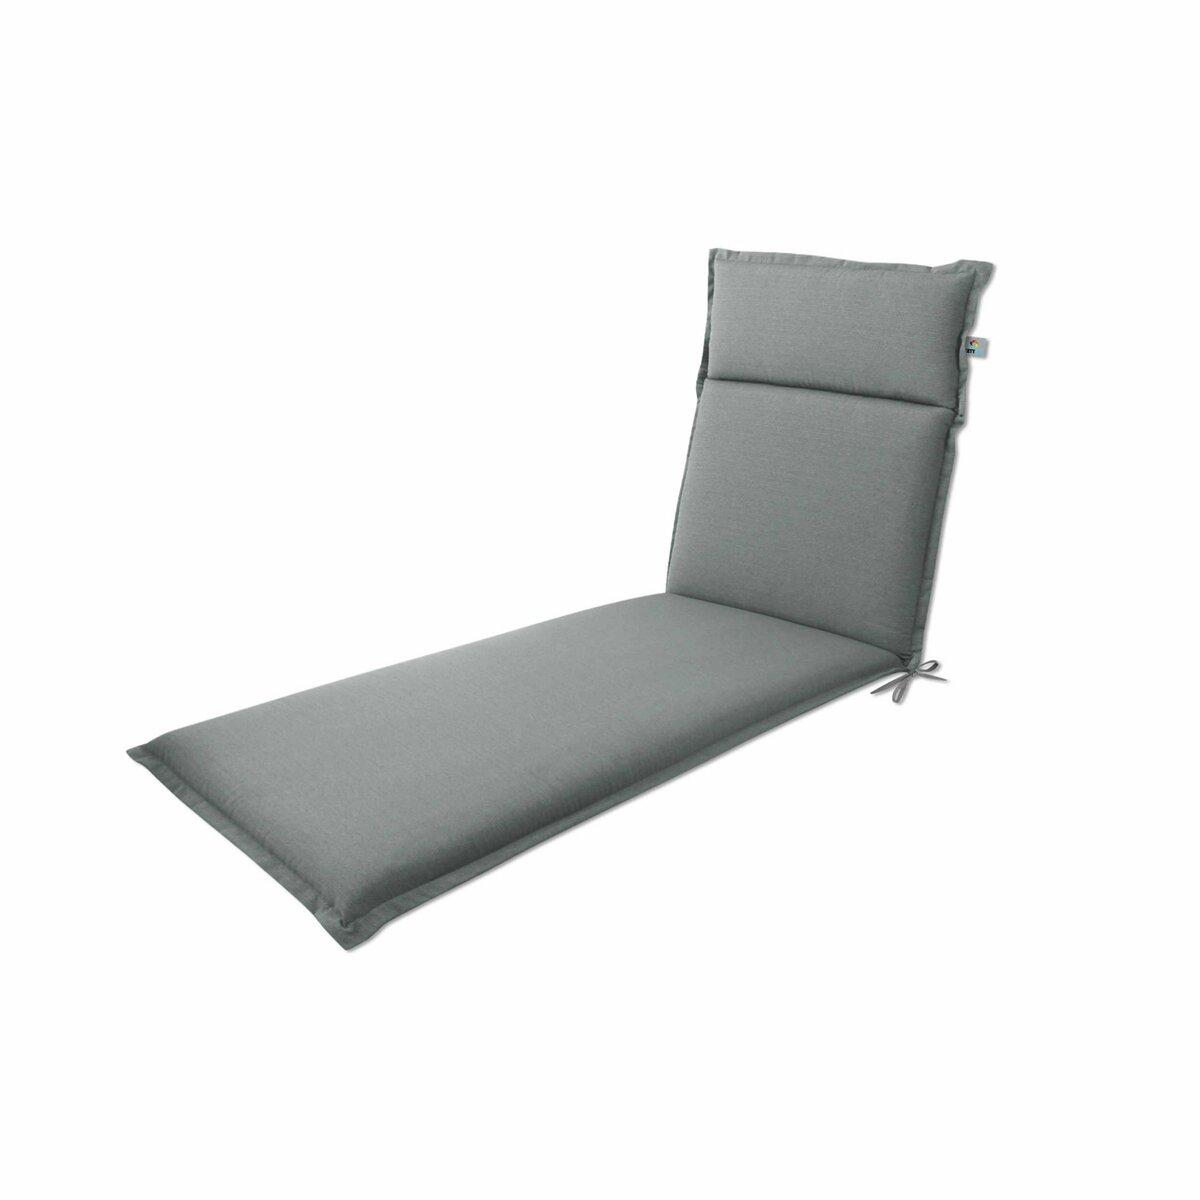 Bild 1 von Deckchair-Auflage   Unico 190 x 50 cm